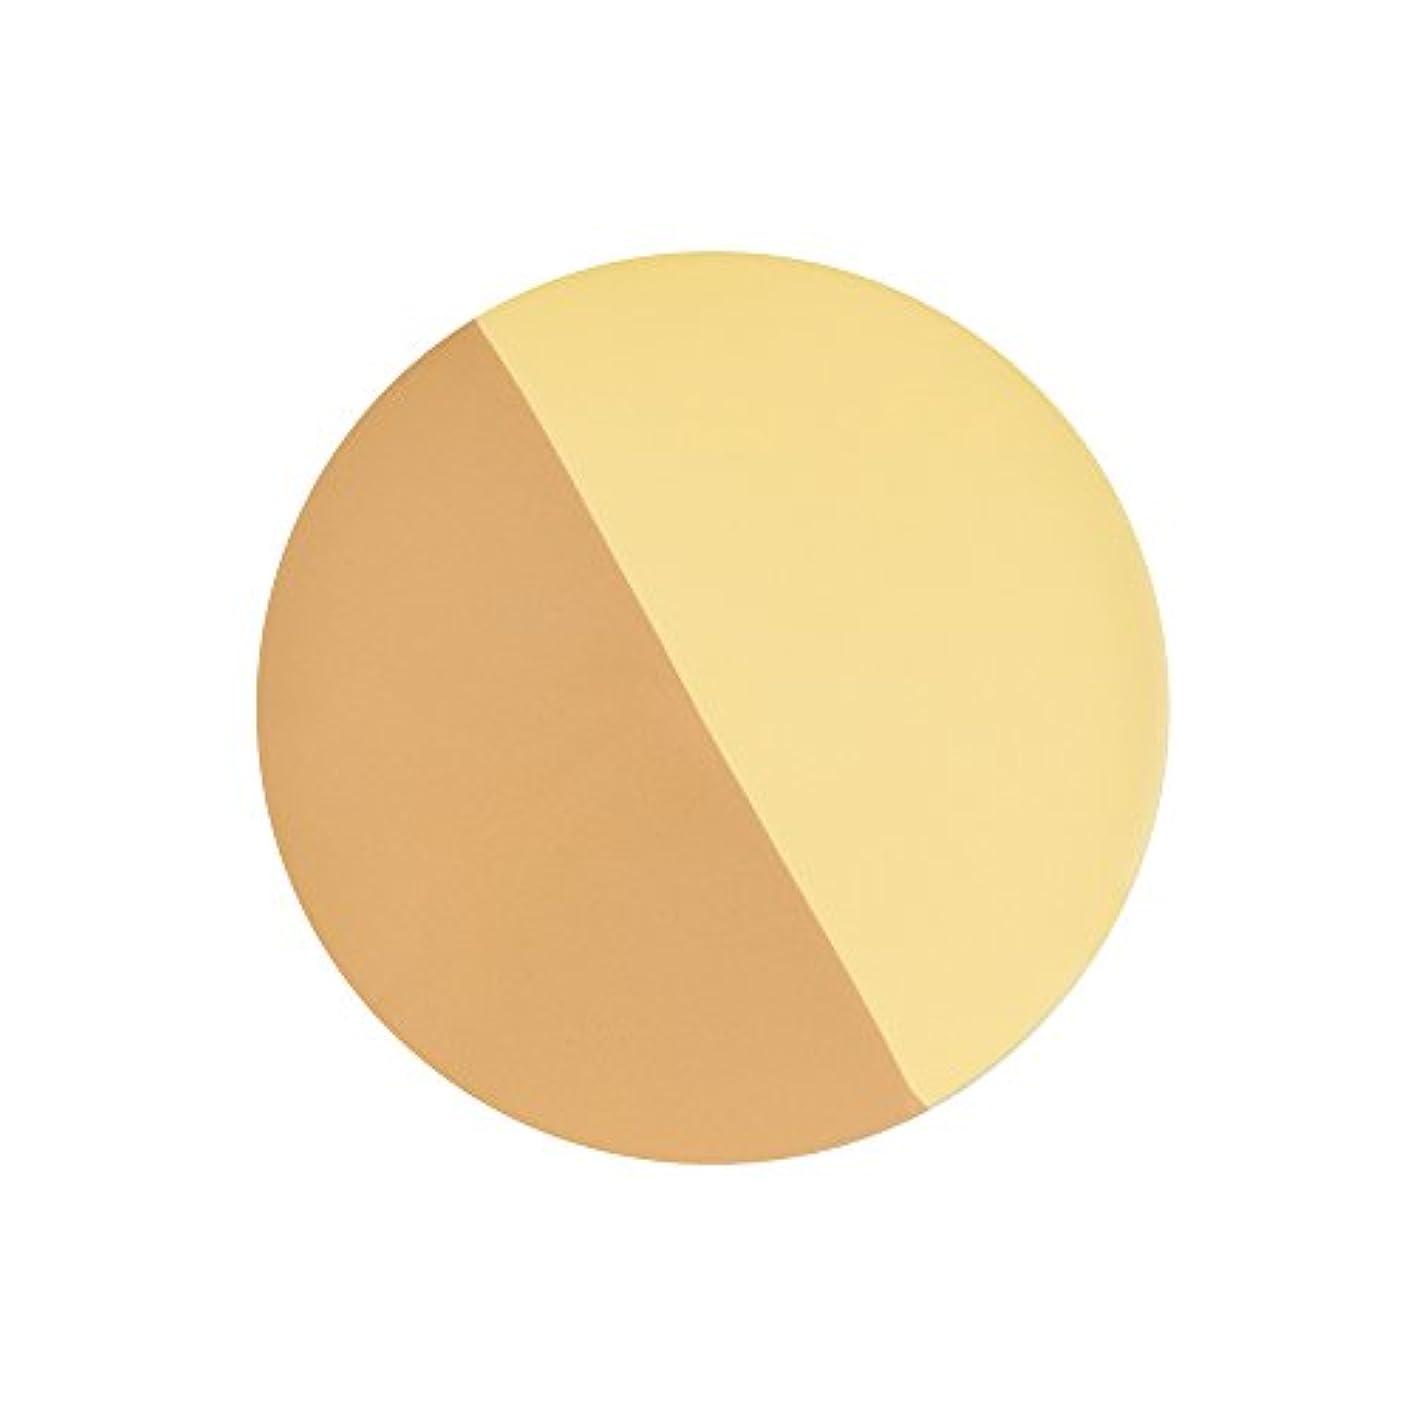 ウミウシ増幅するいつかづきれいこ UVパーフェクトファンデーション イエローベージュ<1>(リフィル)